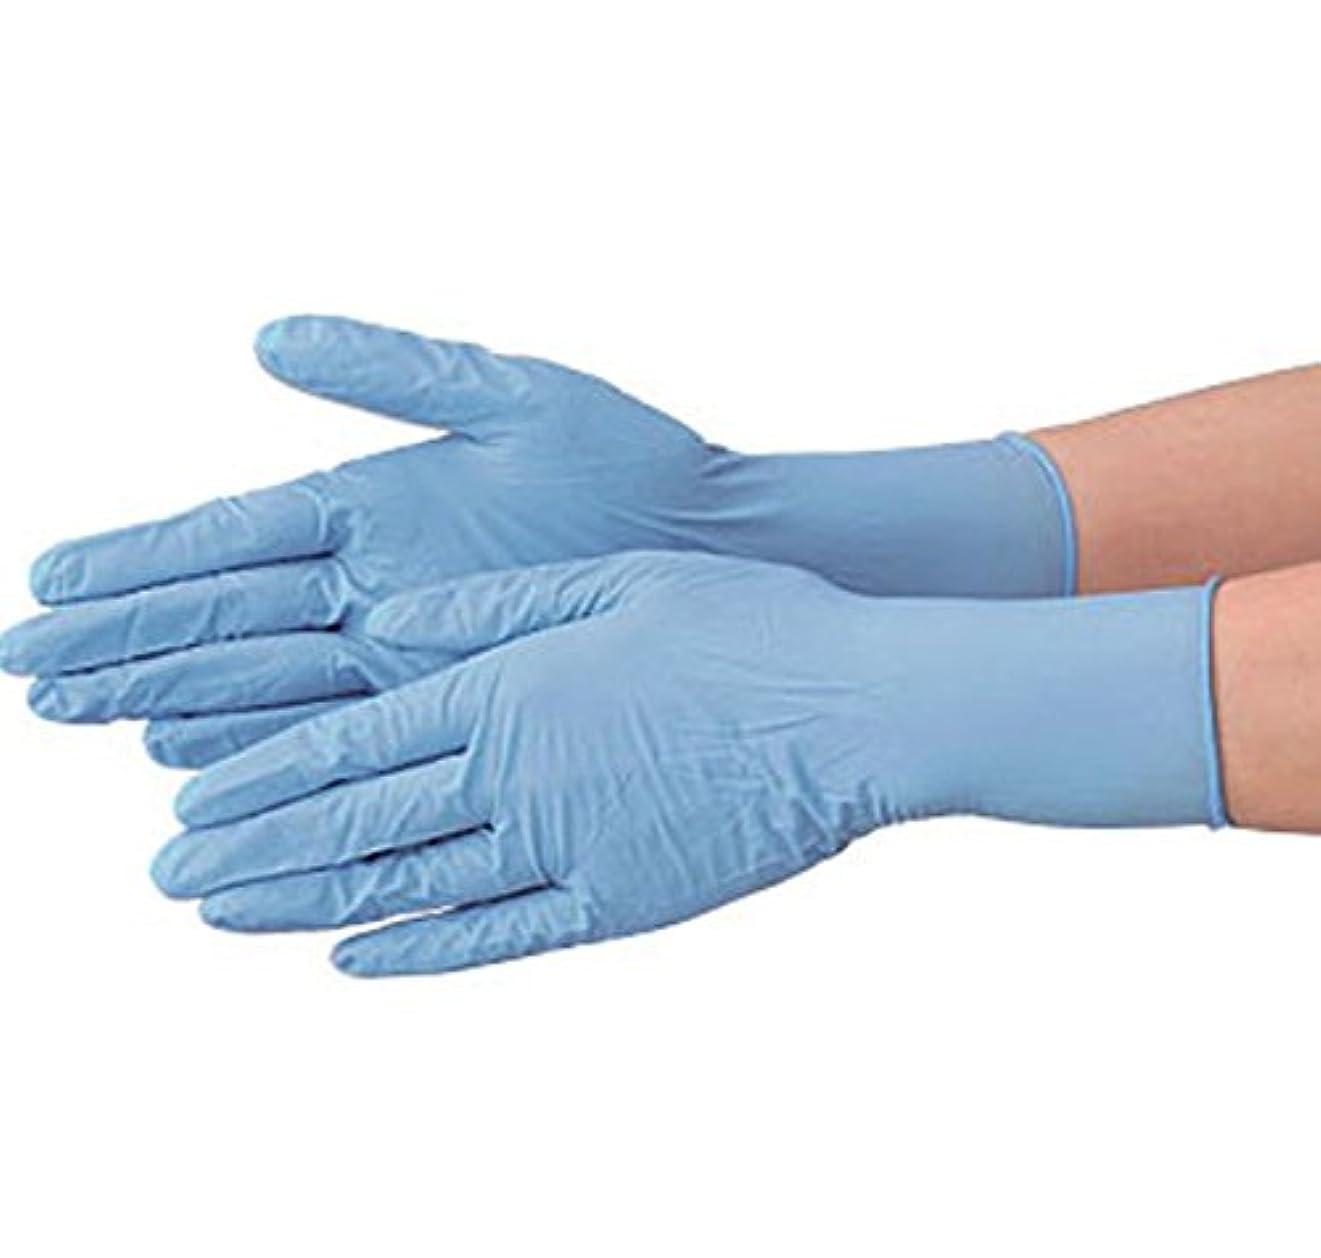 うぬぼれた外交問題写真を描く使い捨て 手袋 エブノ 532 ニトリルNEO ブルー Lサイズ パウダー付き 2ケース(100枚×60箱)